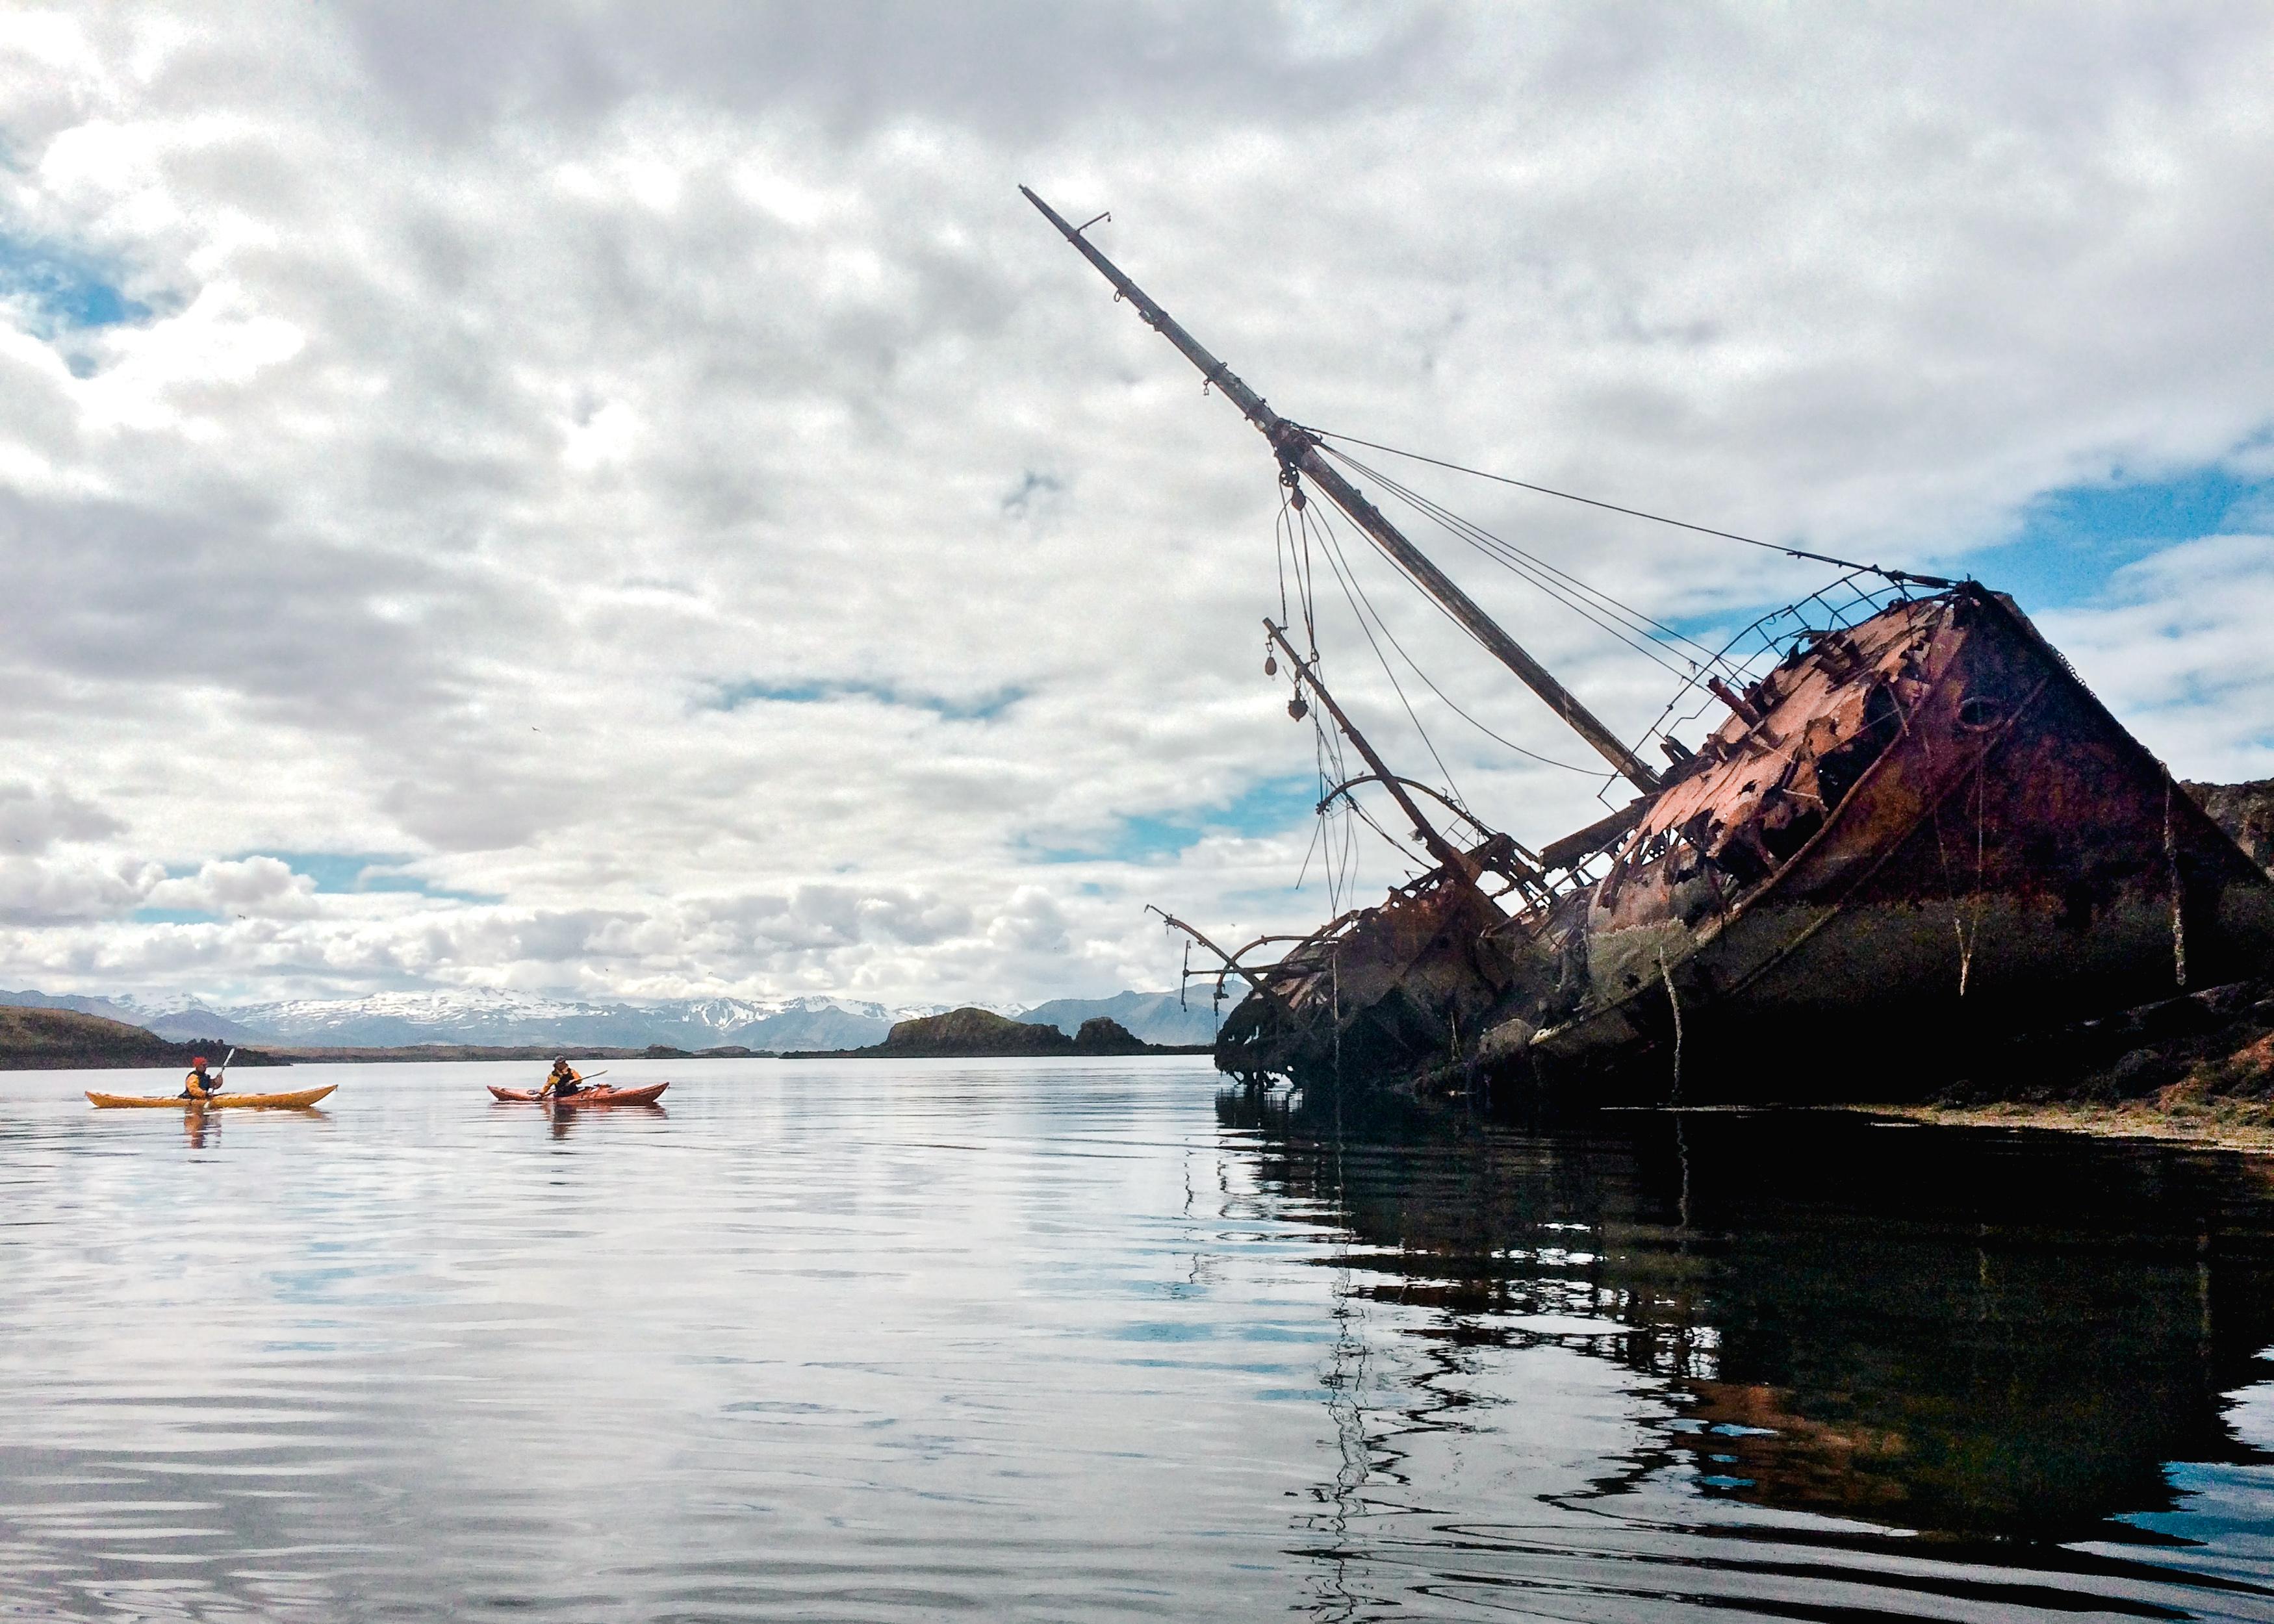 Un chalutier de pêche naufragé qui se trouve sur une île dans la baie de Breiðafjörður.